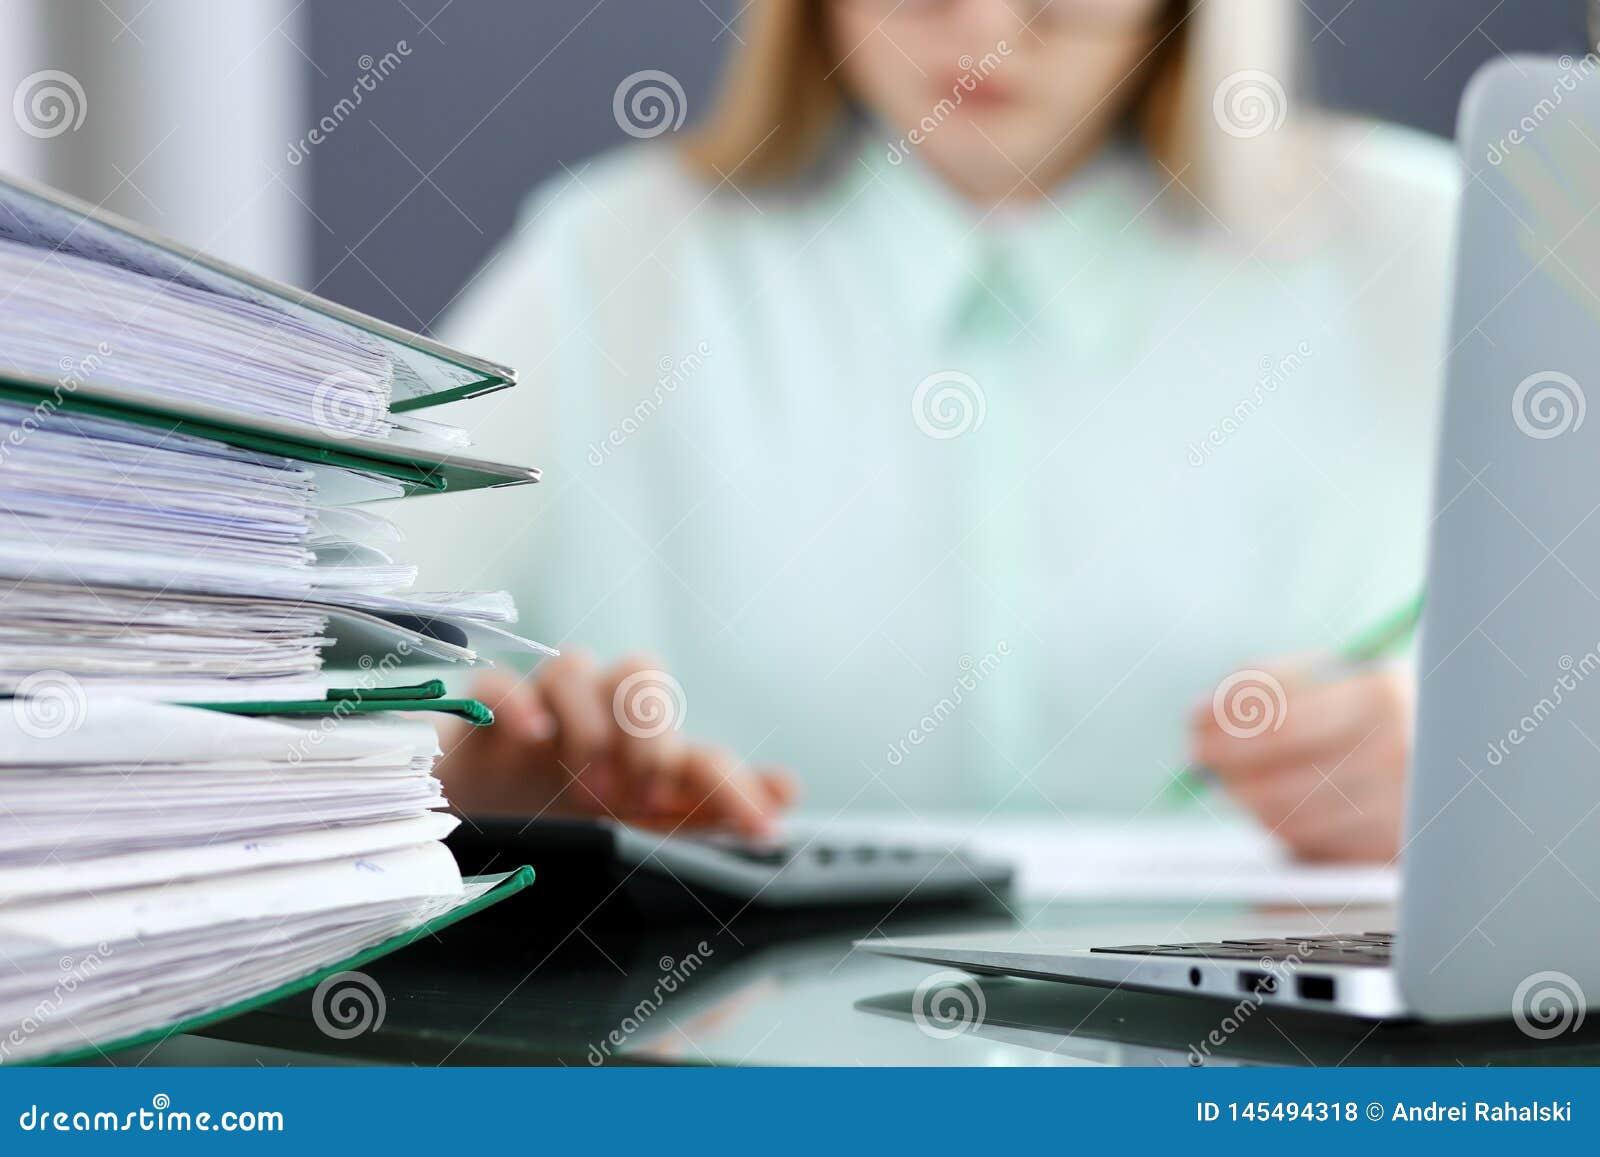 Ksi?gowa, pieni??ny inspektorski robi raport lub, Rewizi i podatku us?ugowy poj?cie Ziele?